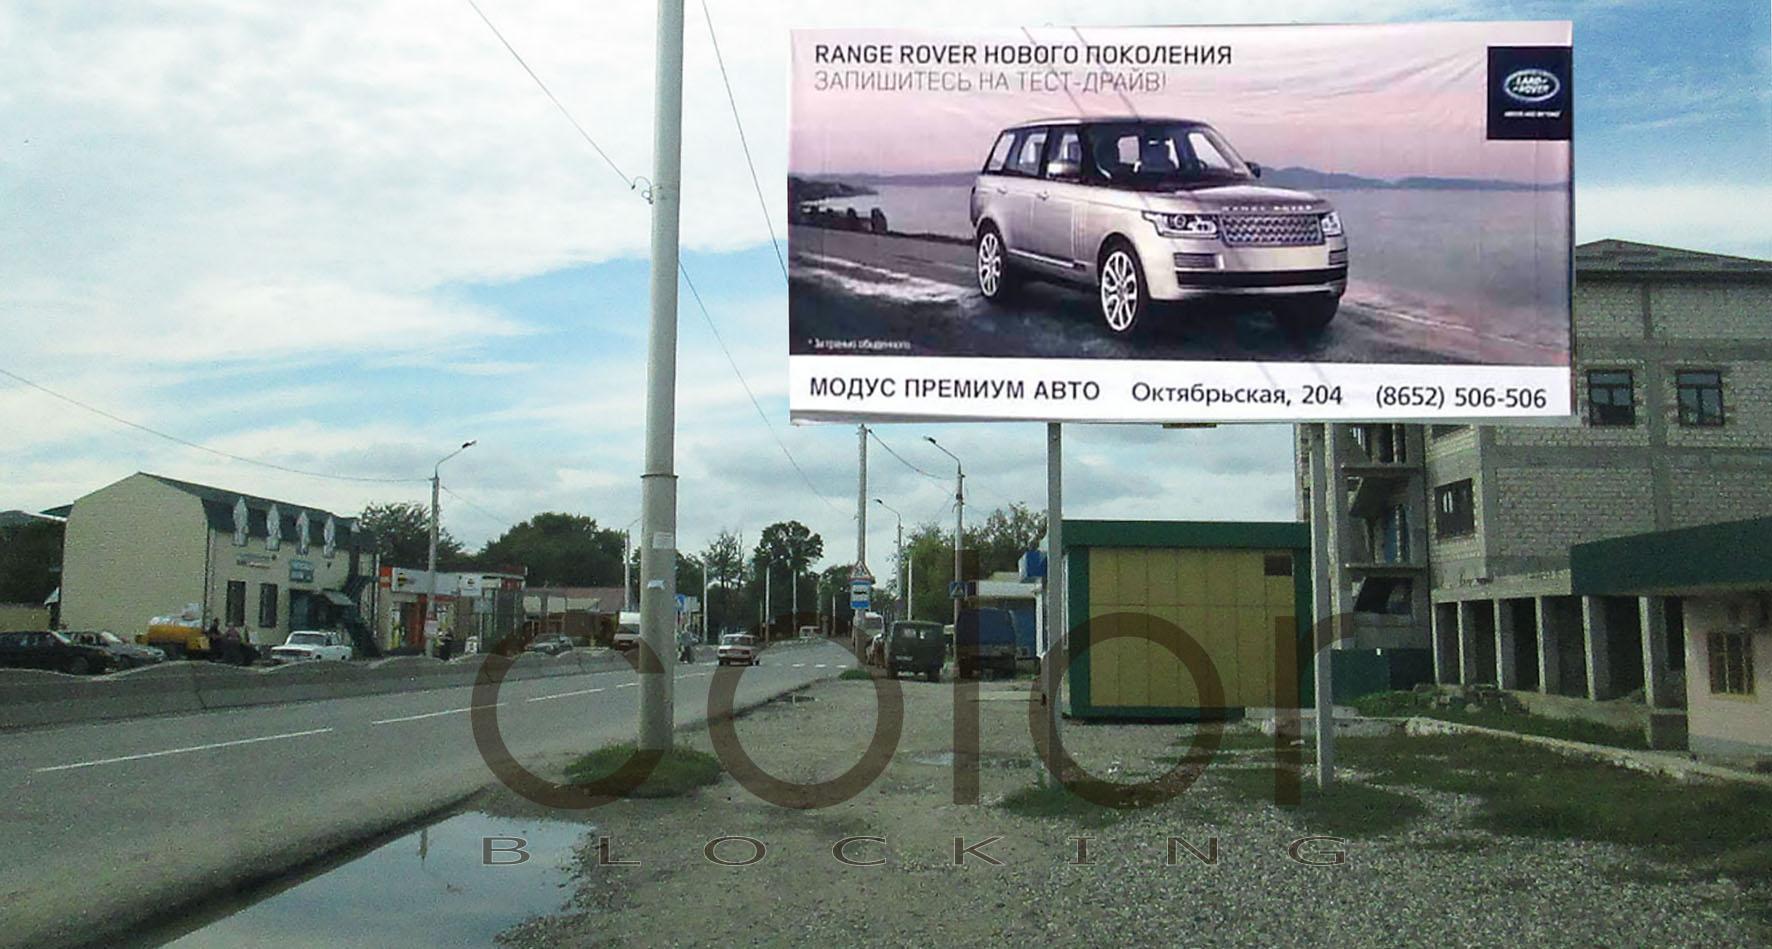 наружная реклама в Чечне портфолио